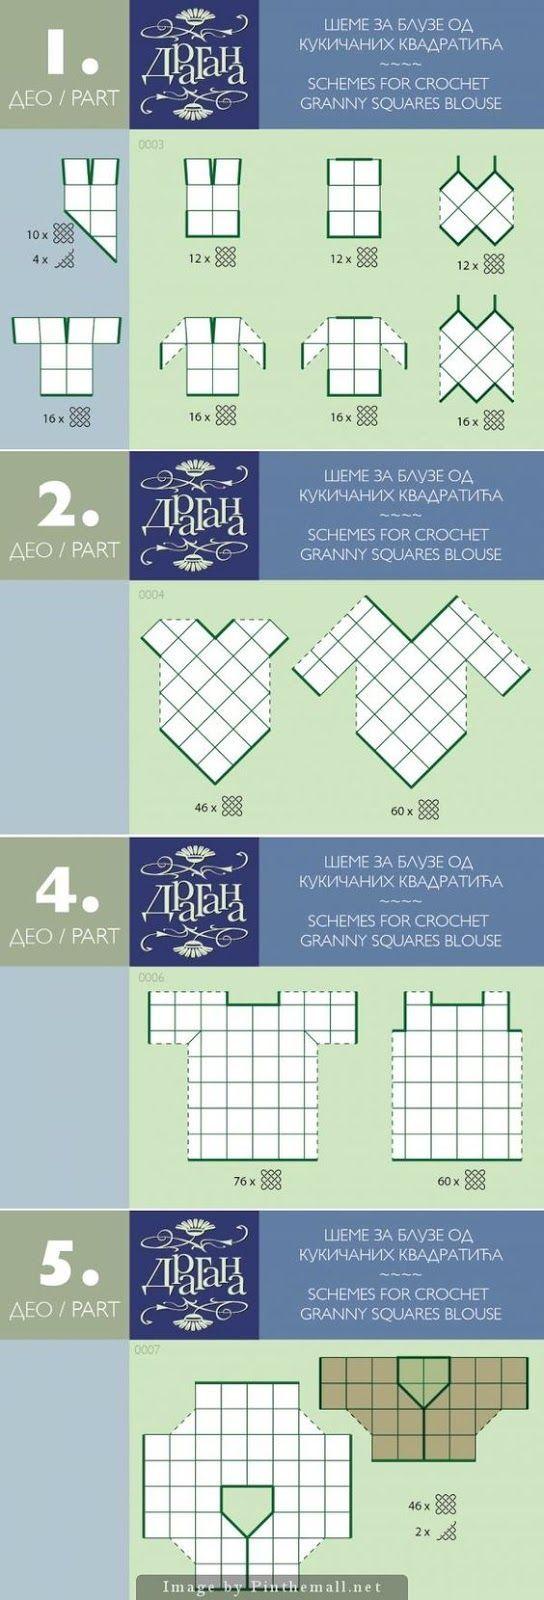 Diagramy Ubra Z Kwadratw Szydekowych Granny Square Clothes Diagrams Wzory Inspiracje Owl